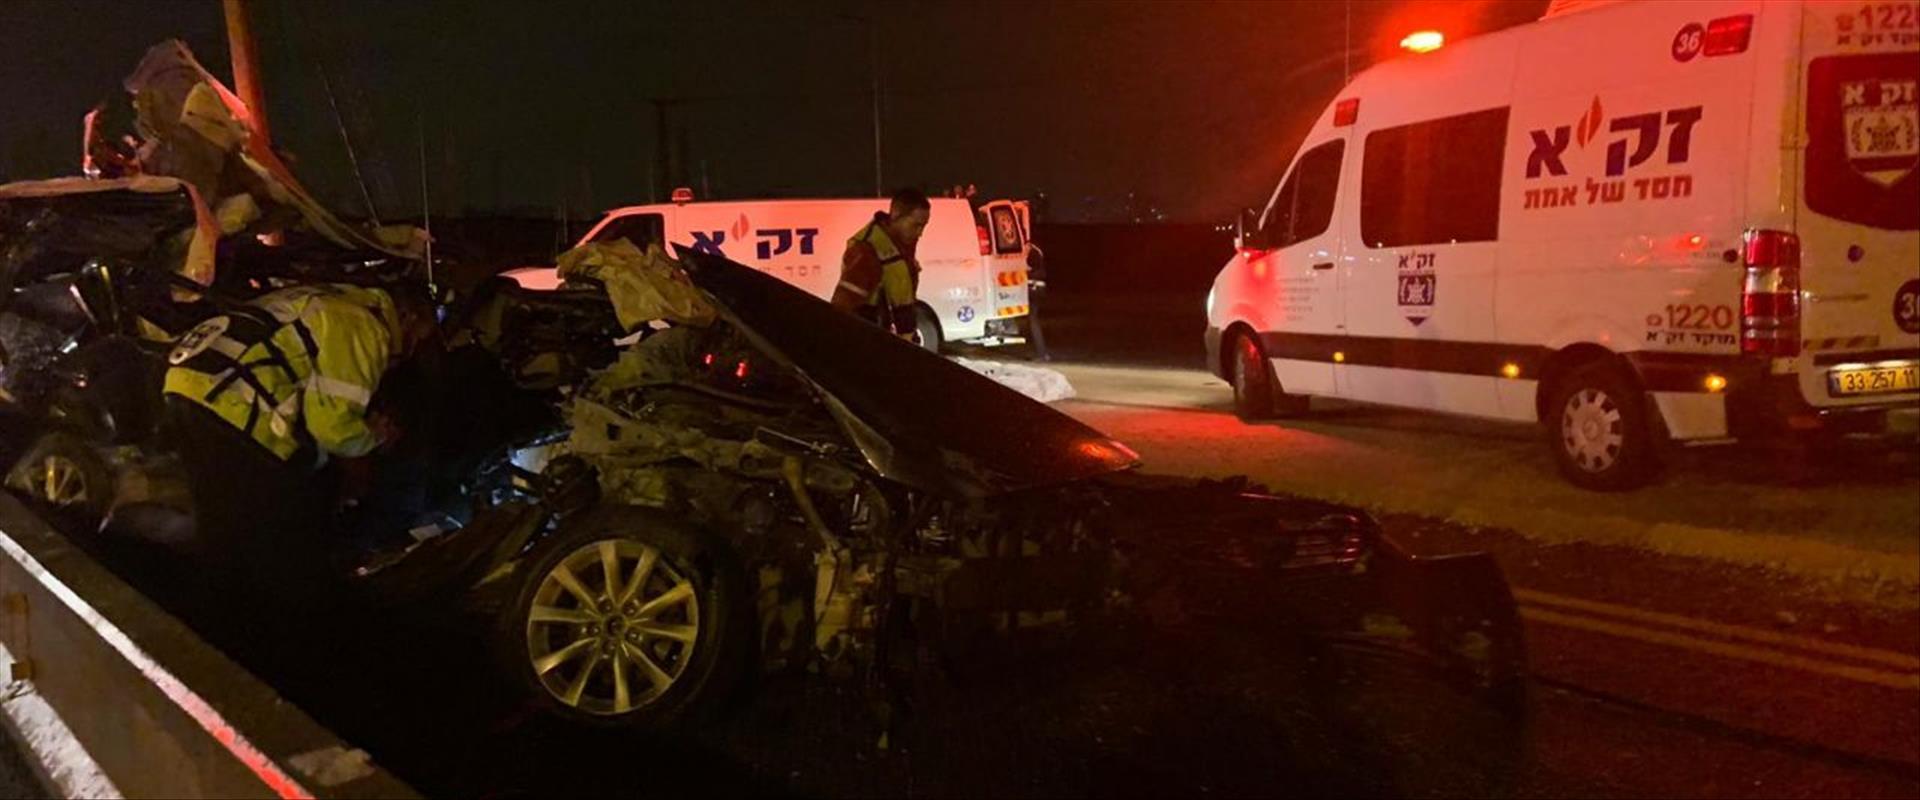 זירת התאונה בכביש 4, הלילה